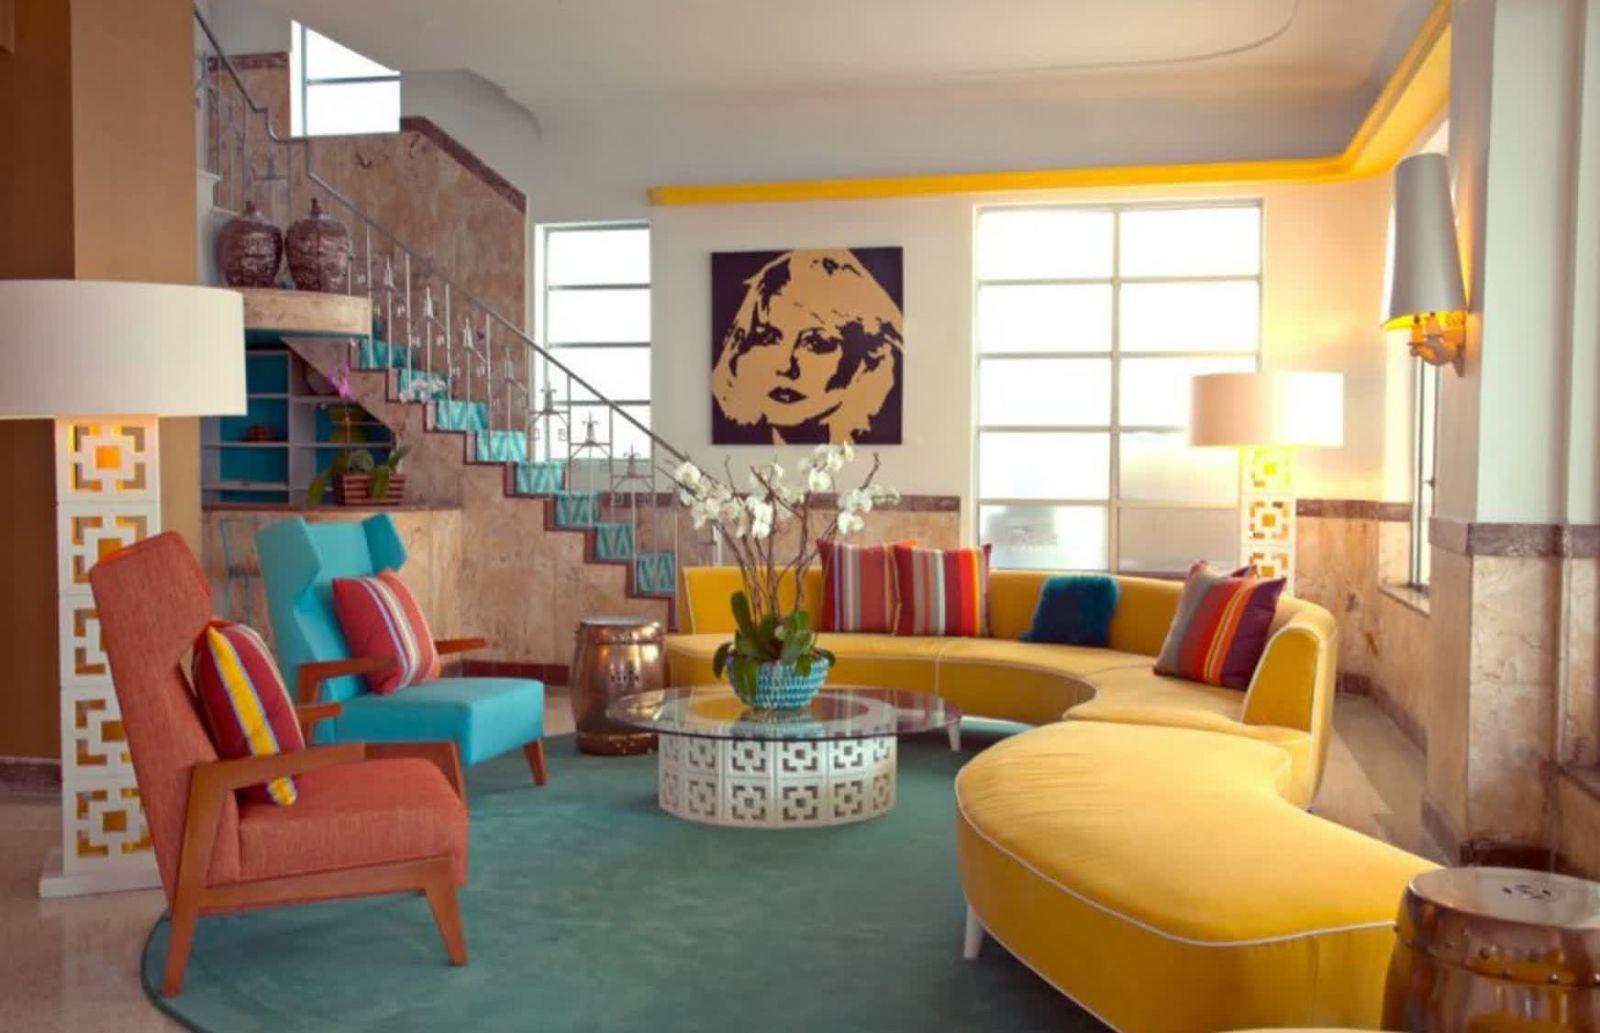 Bạn đang tìm kiếm phong cách thiết kế nội thất cho ngôi nhà riêng tư của mình? Hãy tìm hiểu ngay phong cách retro độc đáo dưới bài viết này